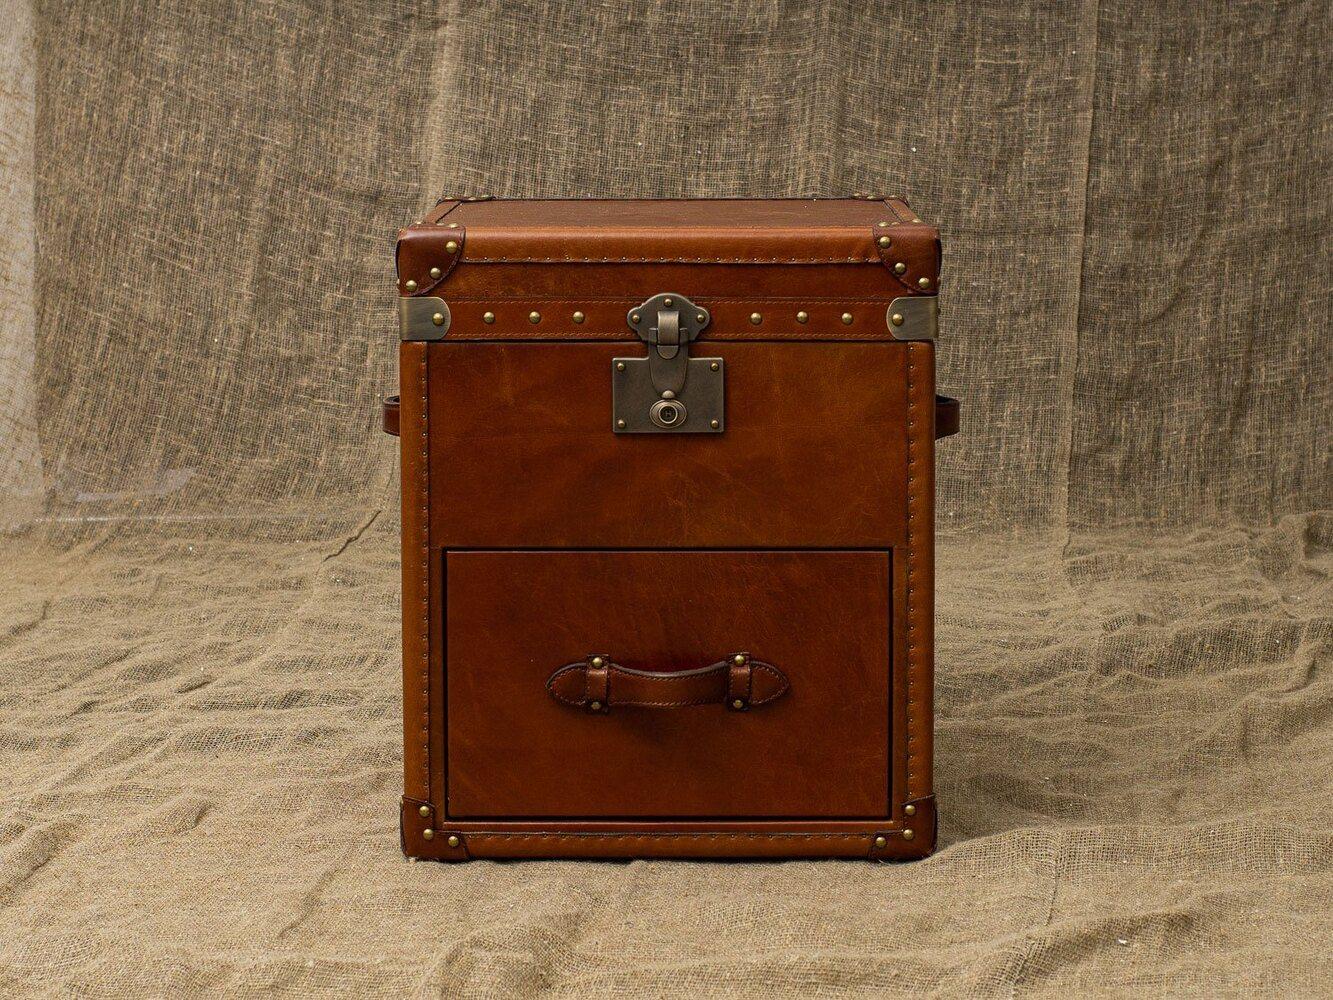 Сундук Hidalgo Decor Leather and Brass